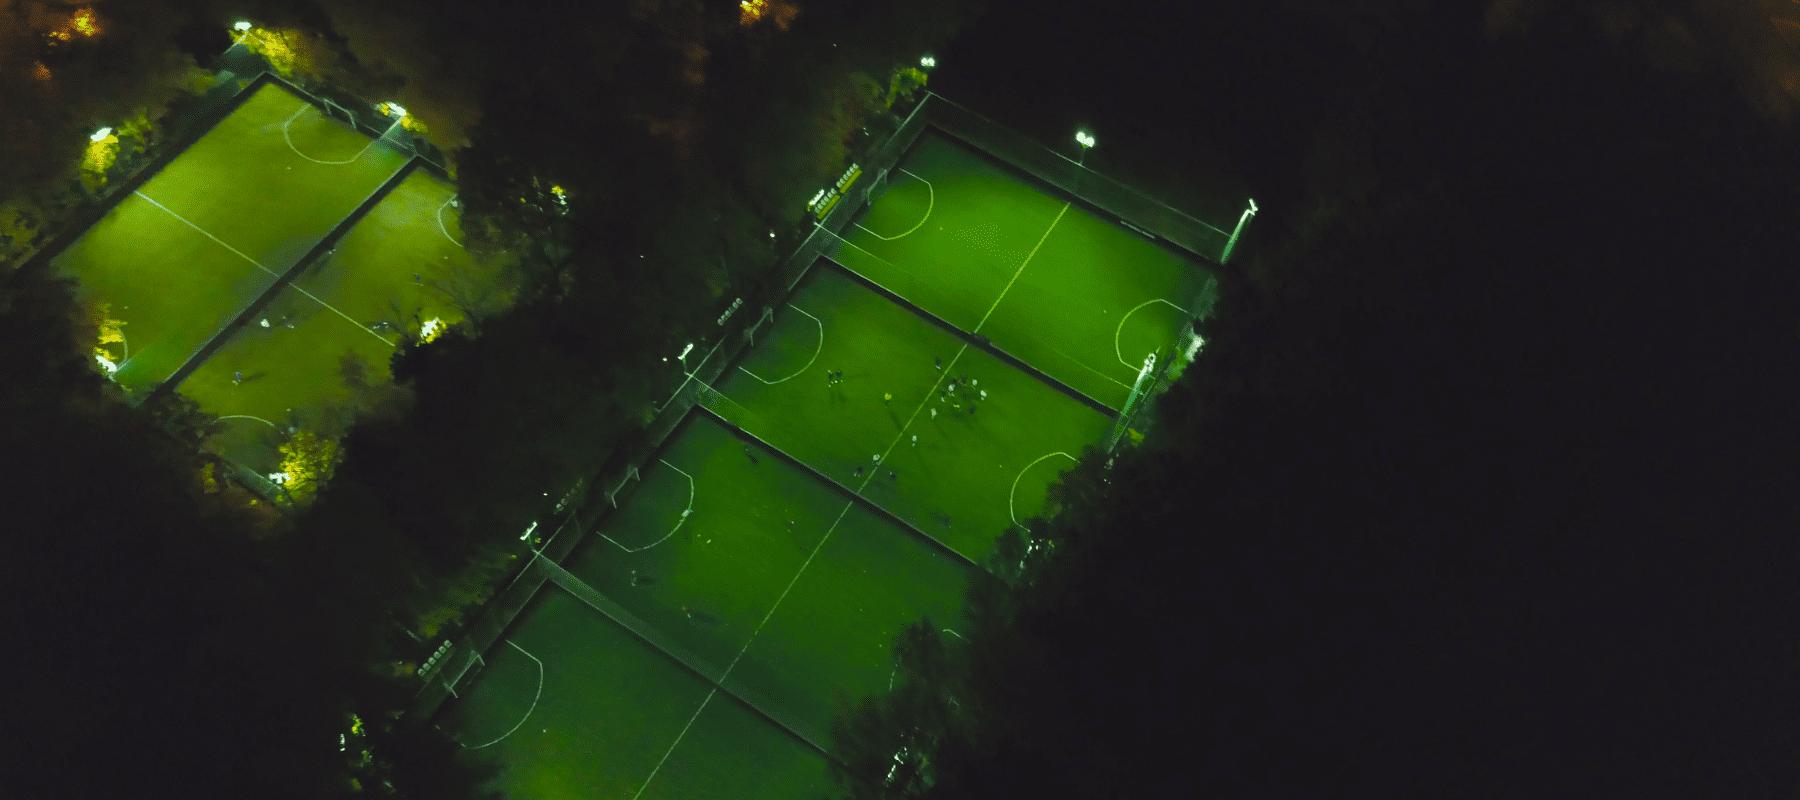 iluminacao-esportiva-eletrojr